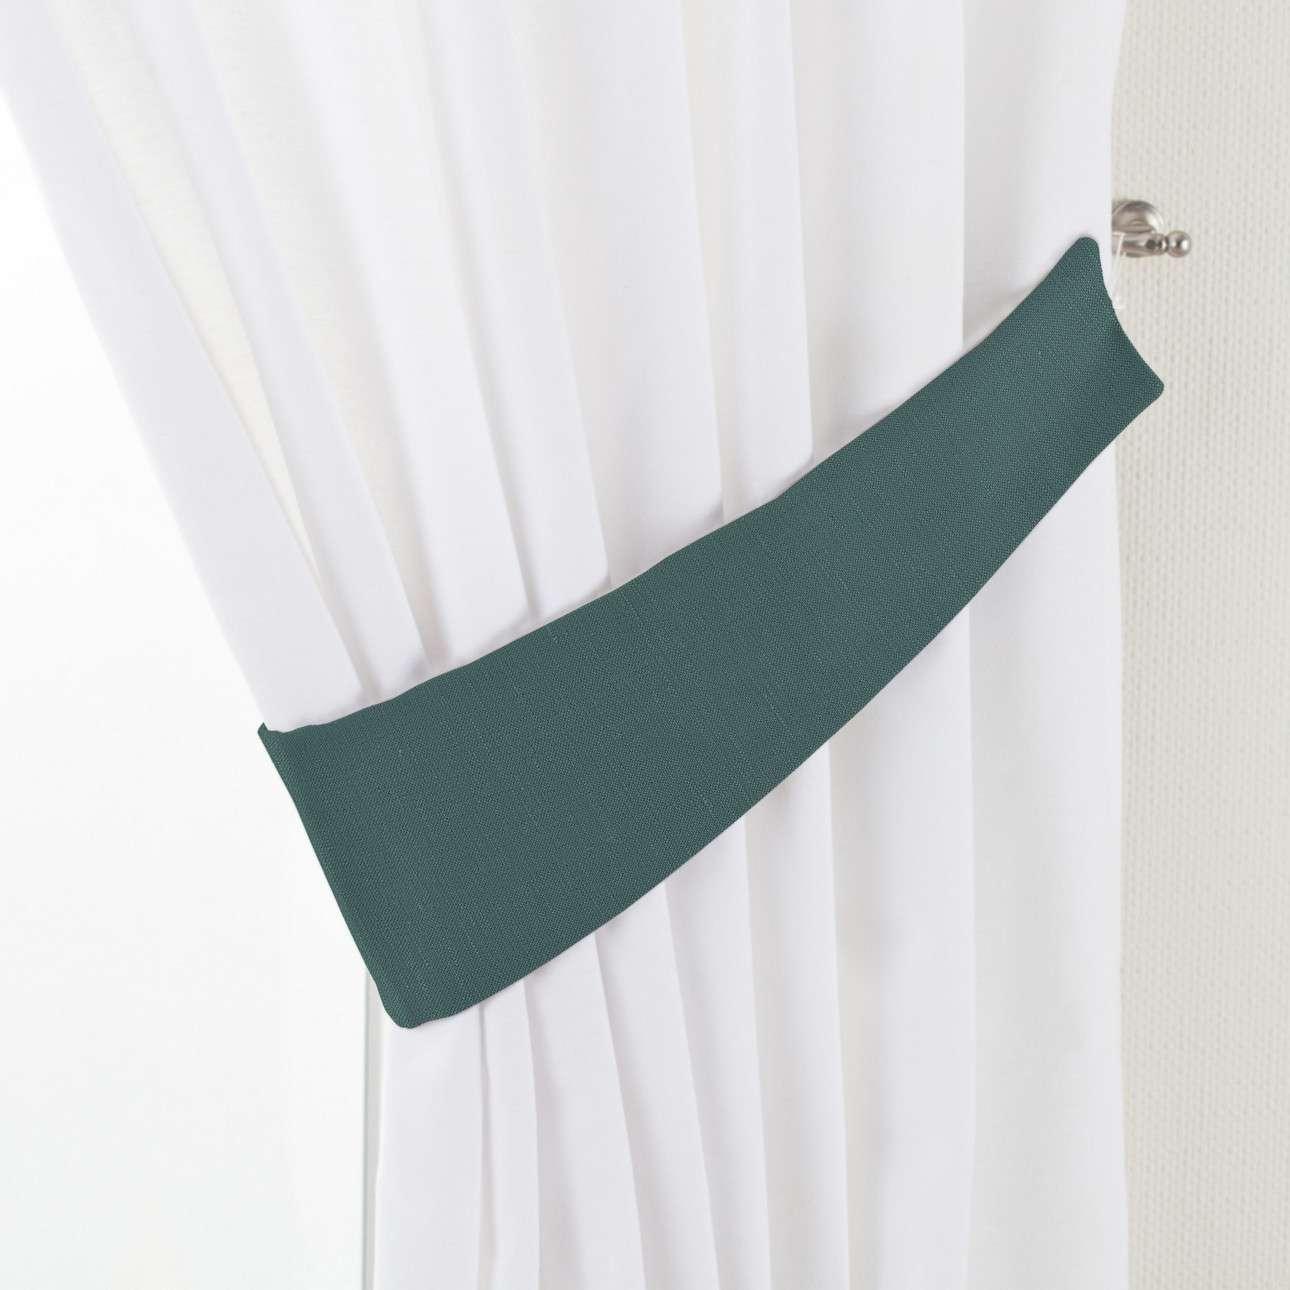 Úchyt Victoria, 1ks V kolekcii Linen, tkanina: 159-09